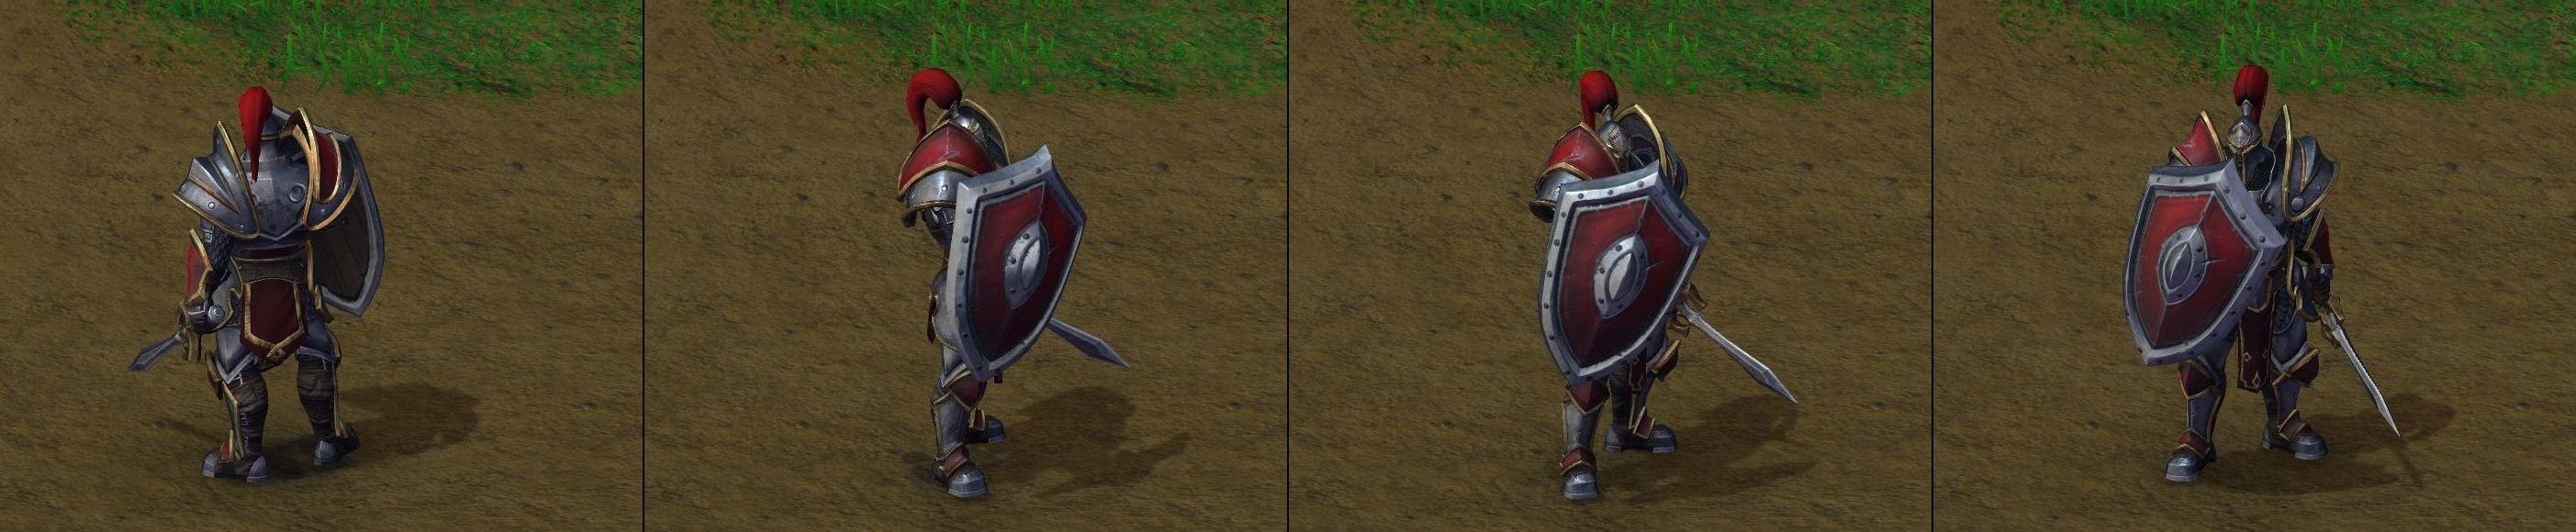 Warcraft III Reforged : Footman